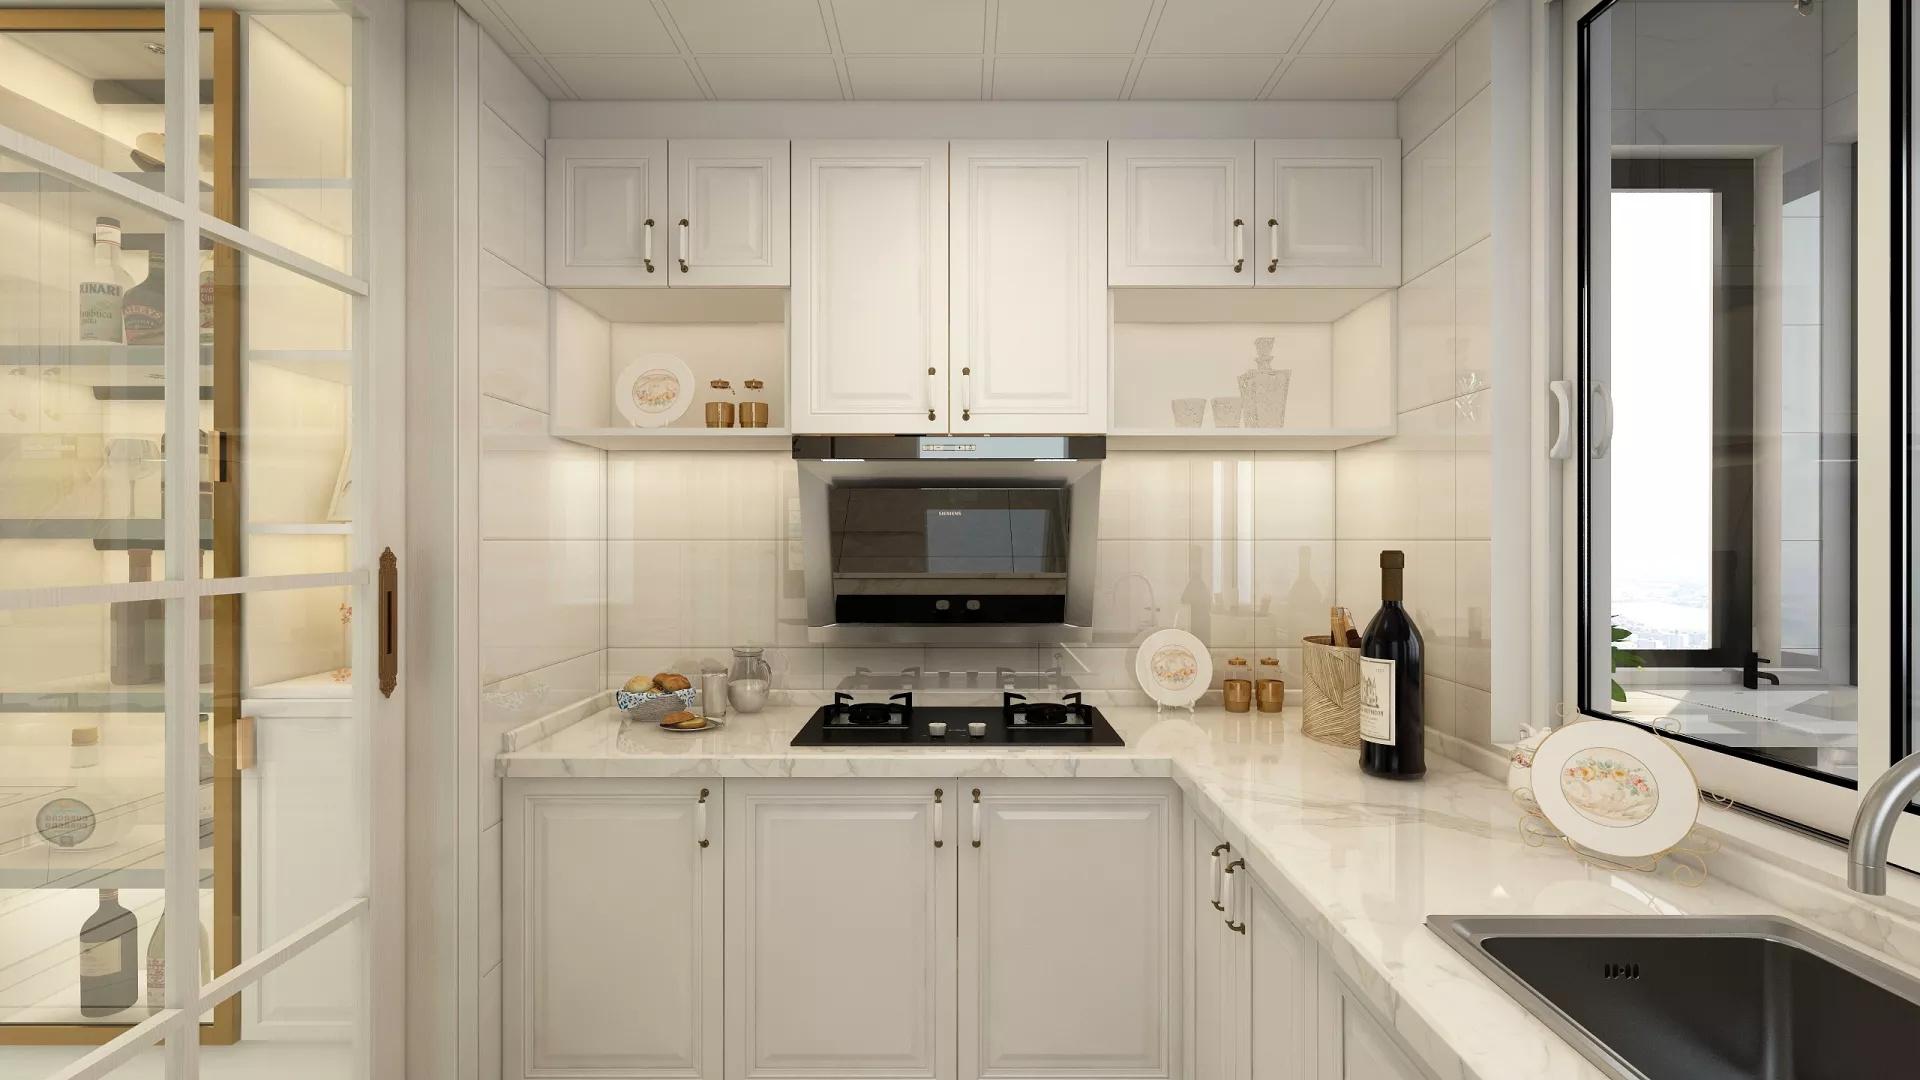 厨房要用专用插座吗 厨房插座需要装多少个